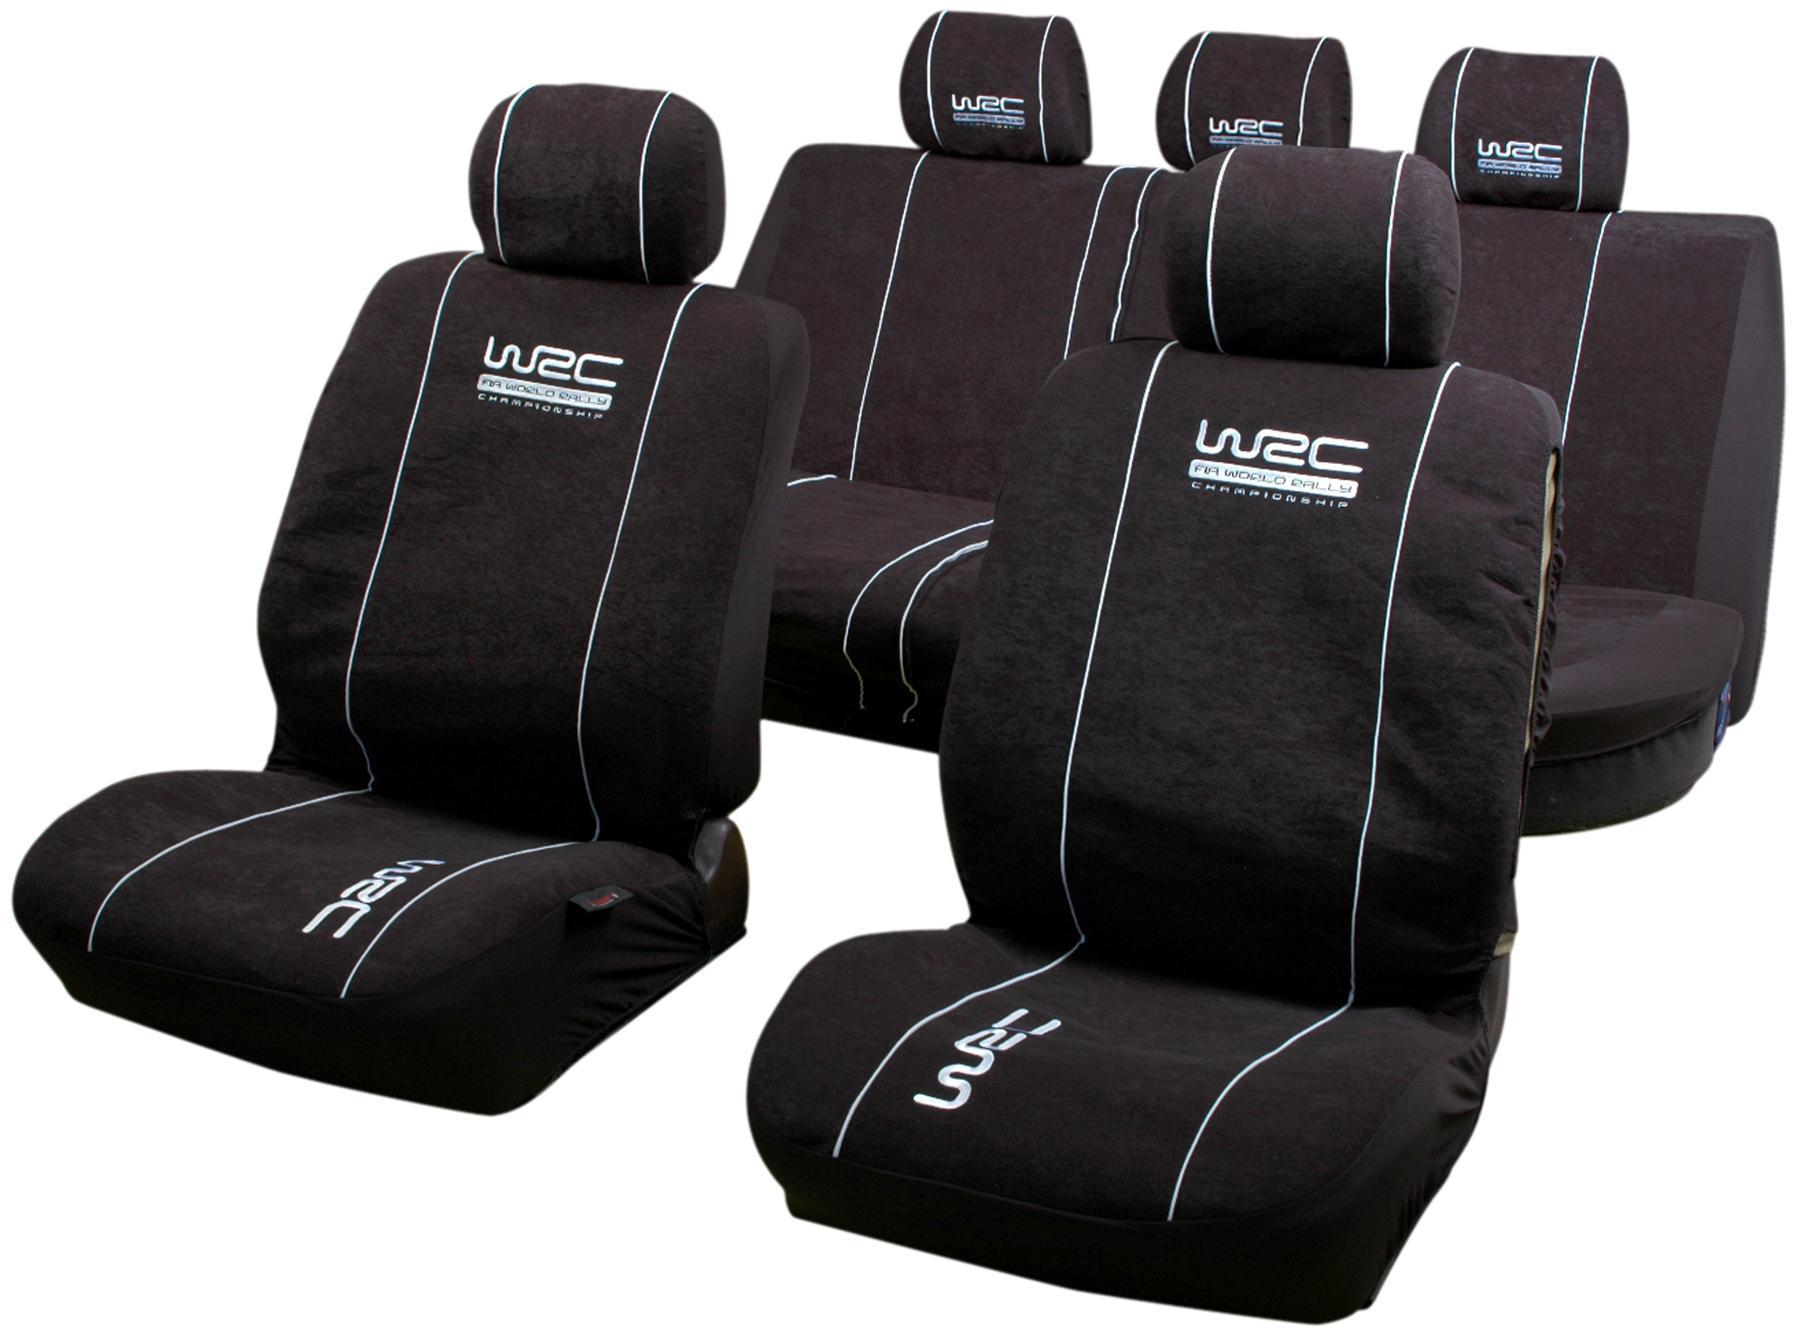 Comprare 007338 WRC nero, Fantasia, Poliestere, anteriore e posteriore Numero pezzi: 11pz. Coprisedile 007338 poco costoso